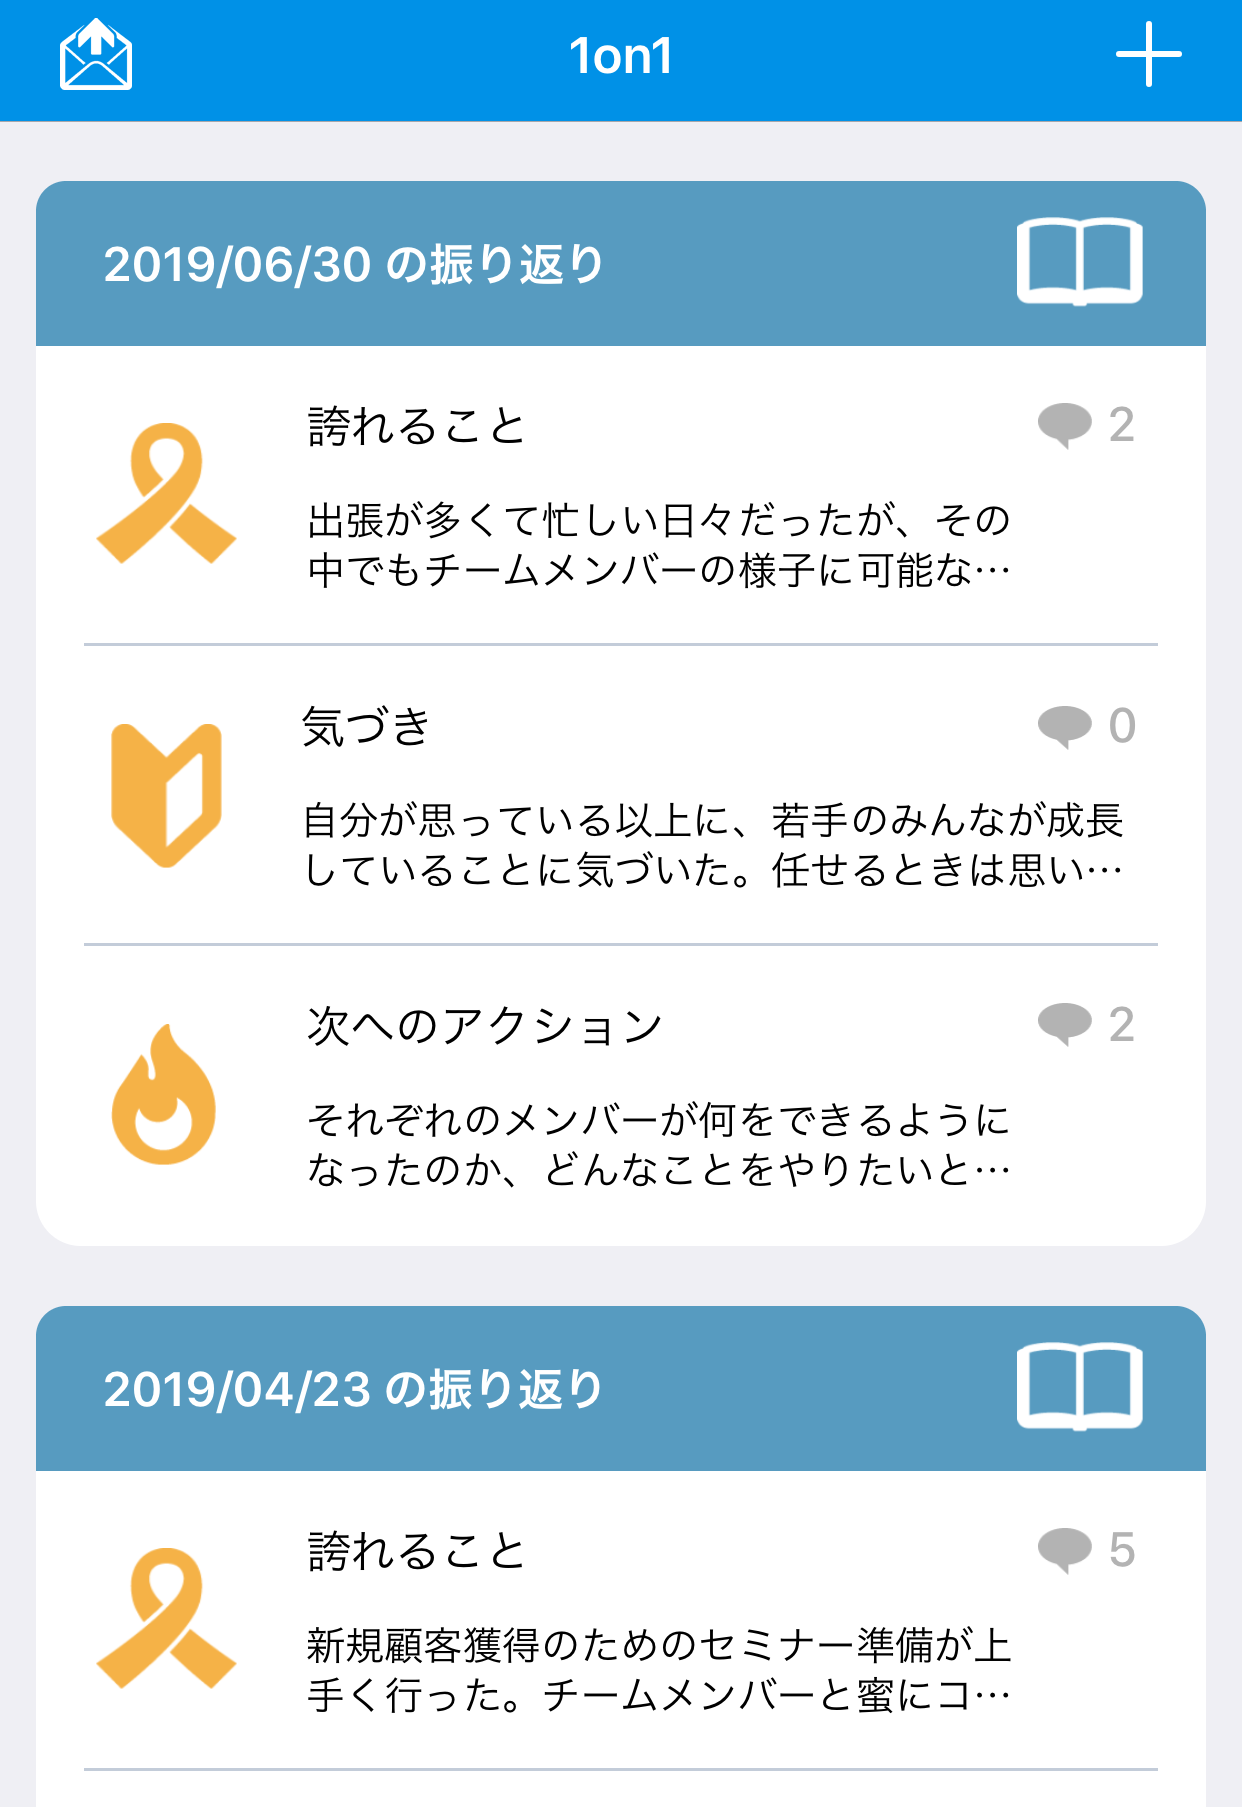 アプリ画面_パフォーマンスプラン_1on1